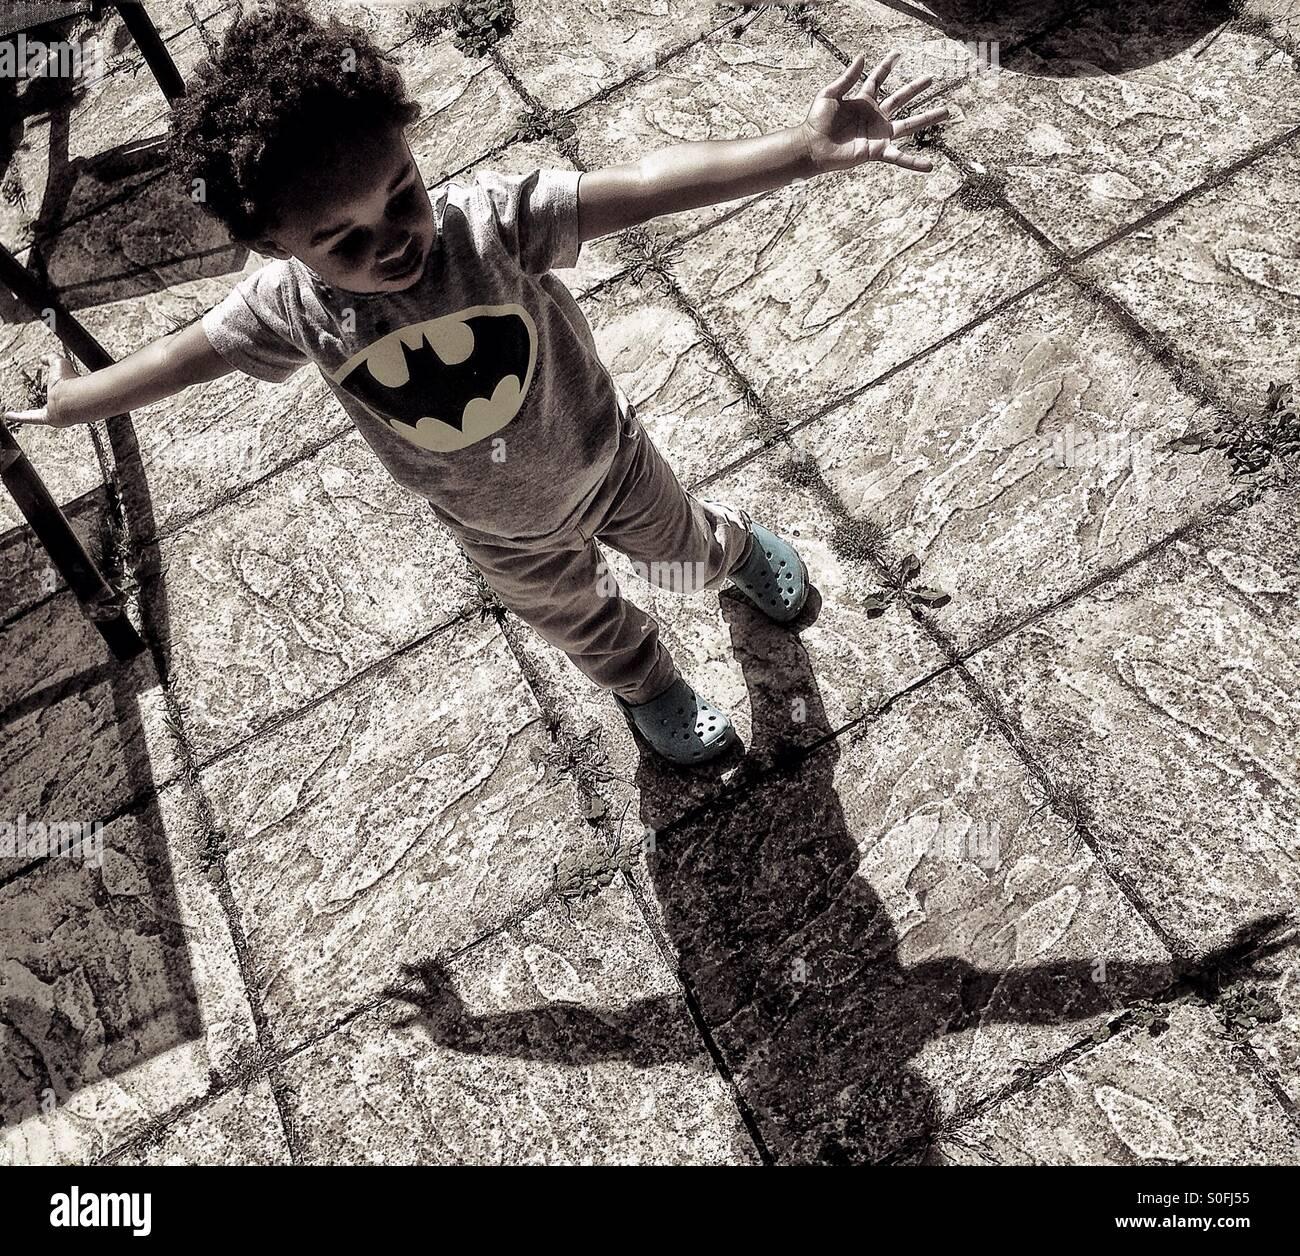 Ein kleiner Junge und sein Schatten. Stockbild